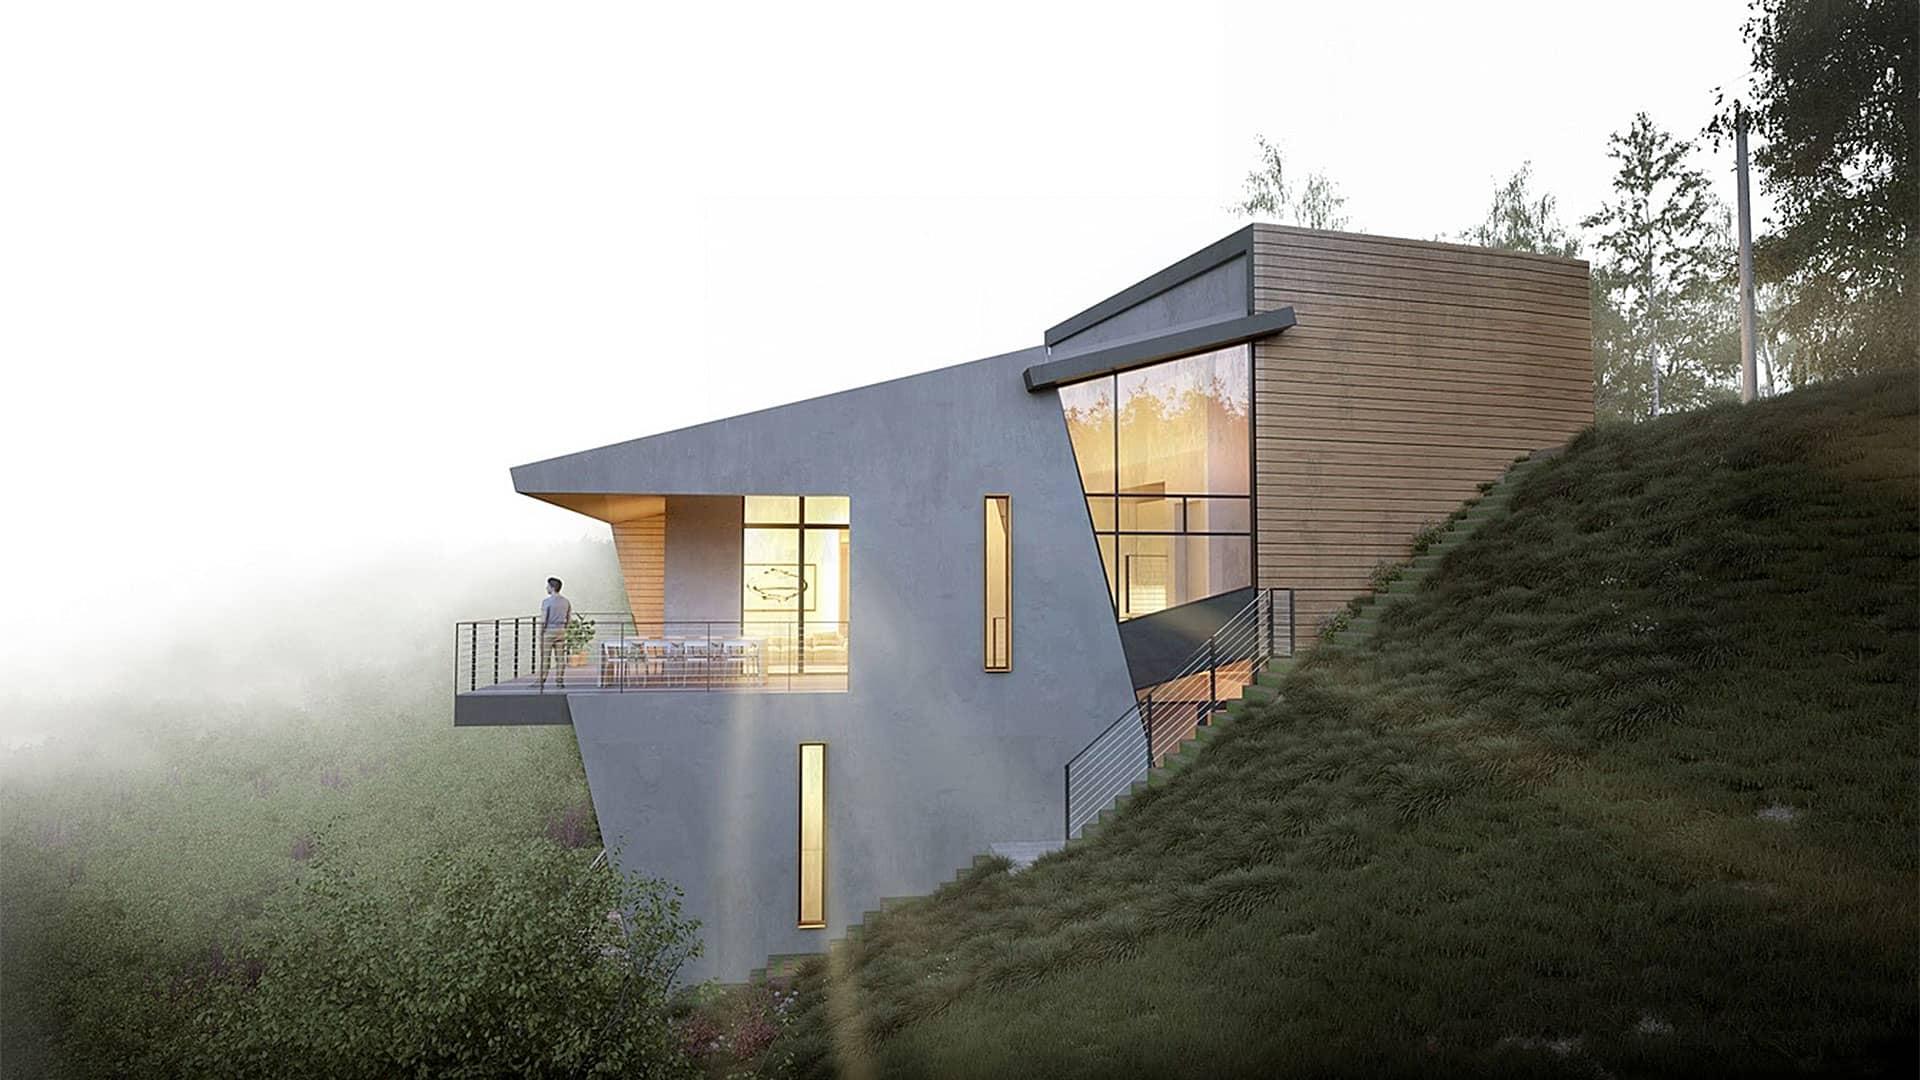 Maison passive réalisée par un constructeur de maison dans le nord